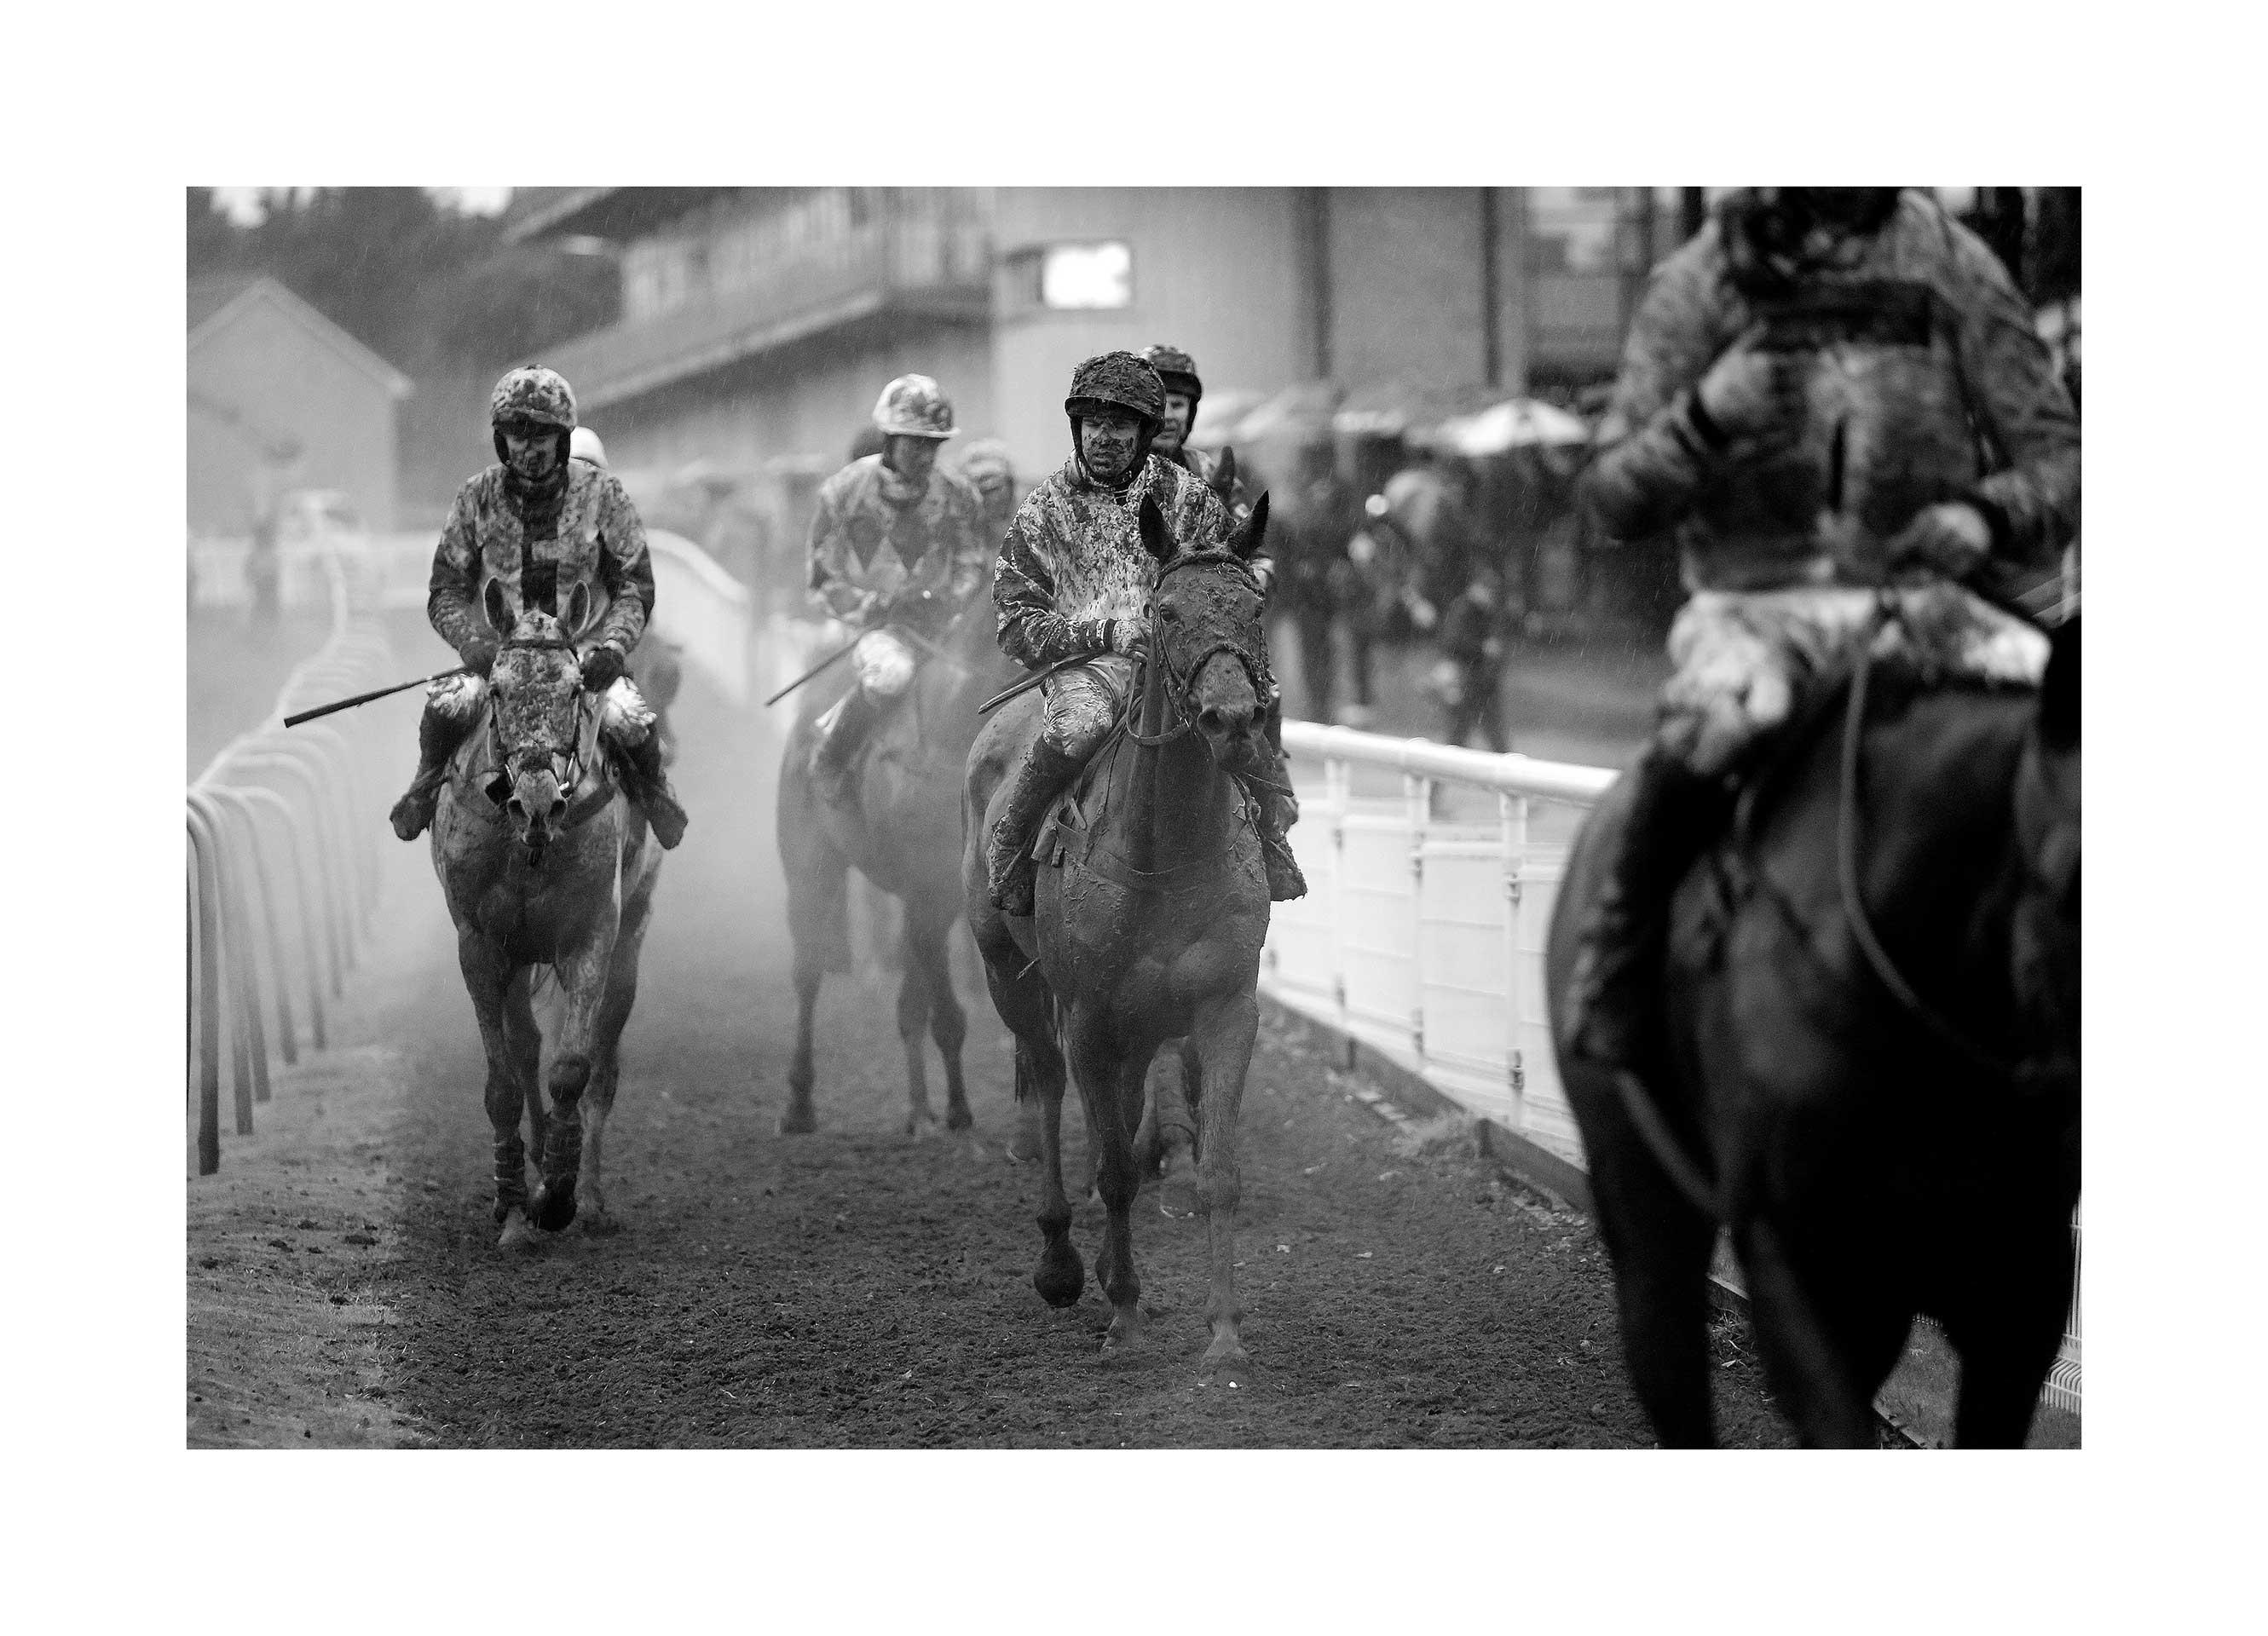 Fontwell Racecourse, 29 Jan 2017